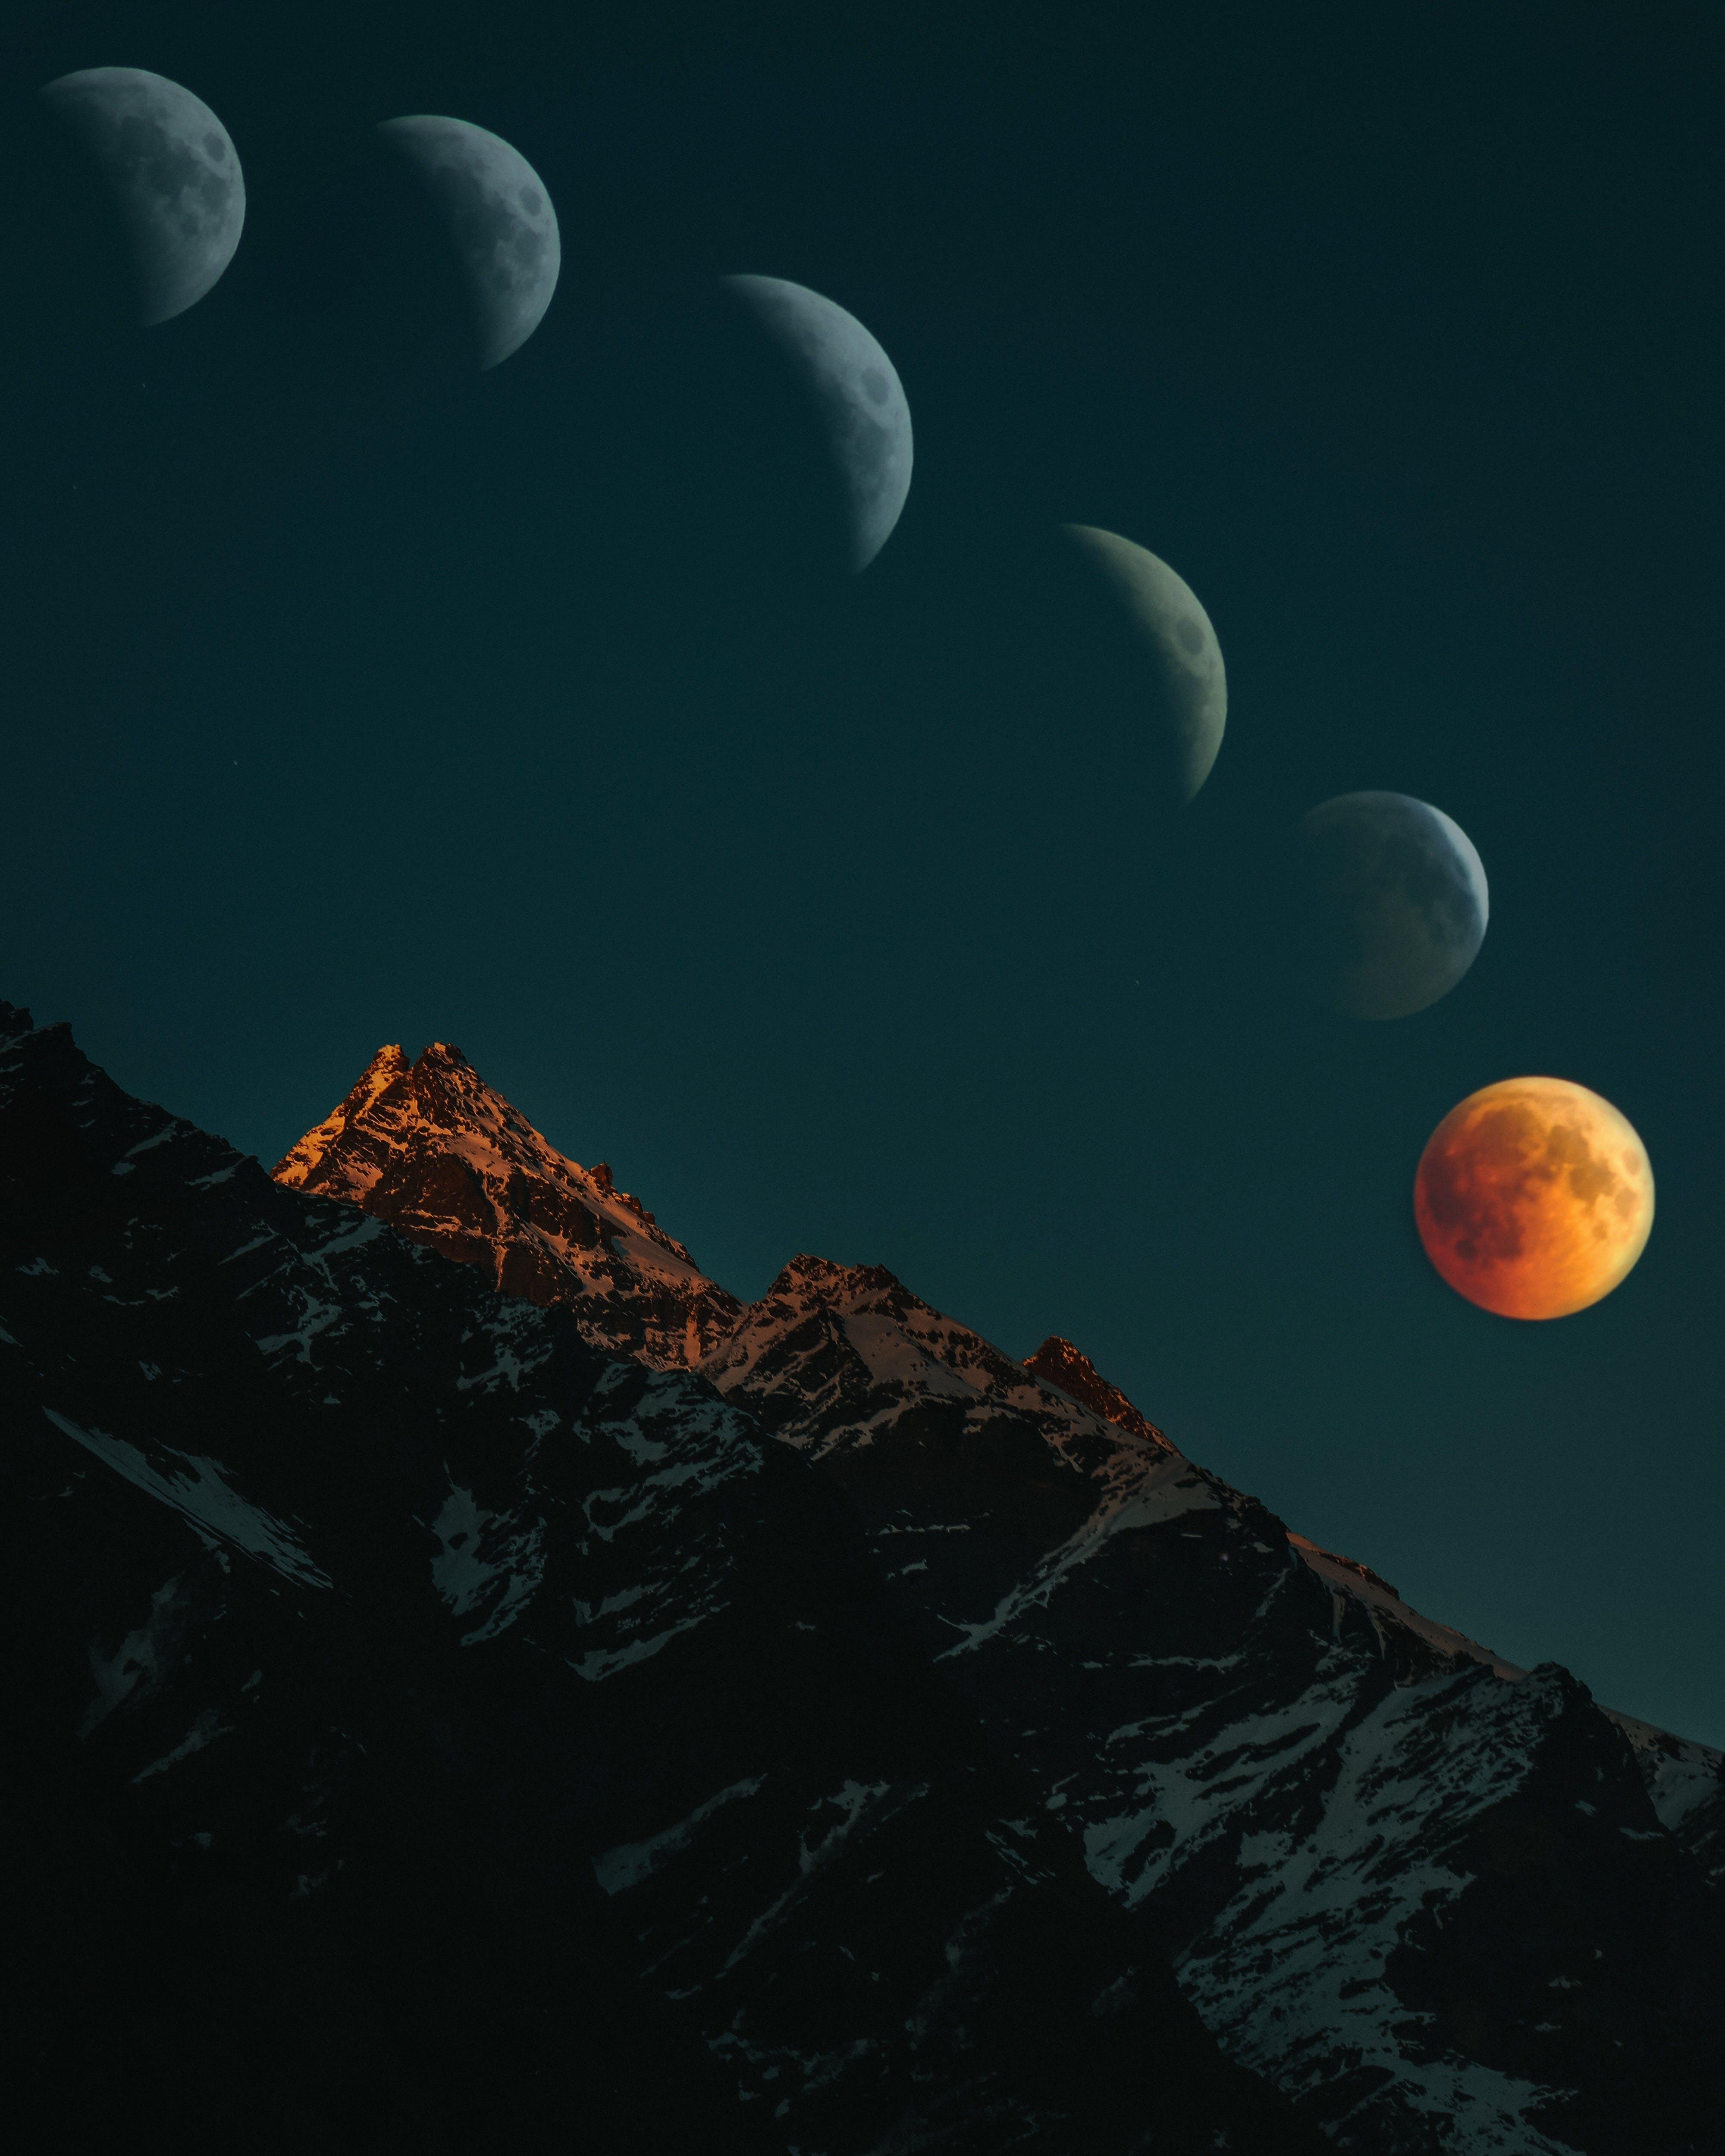 Δωρεάν στοκ φωτογραφιών με rocky mountains, βουνά, Γαλάζια Όρη, θέα στη φύση